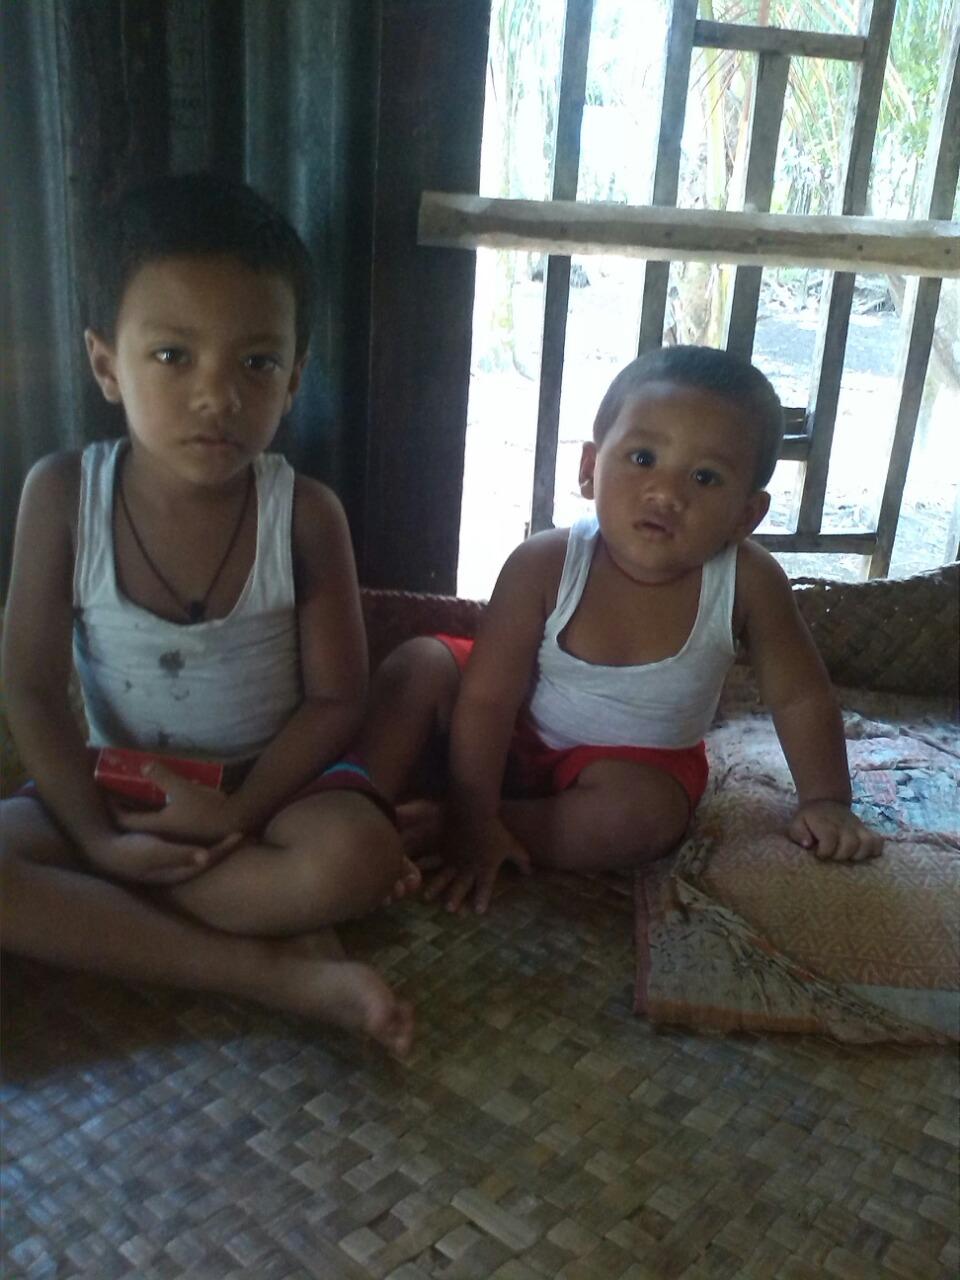 adnan-et-cousin-rifat-semaine-derniere-bangladesh-chez-mes-amis-voyage-d-exception